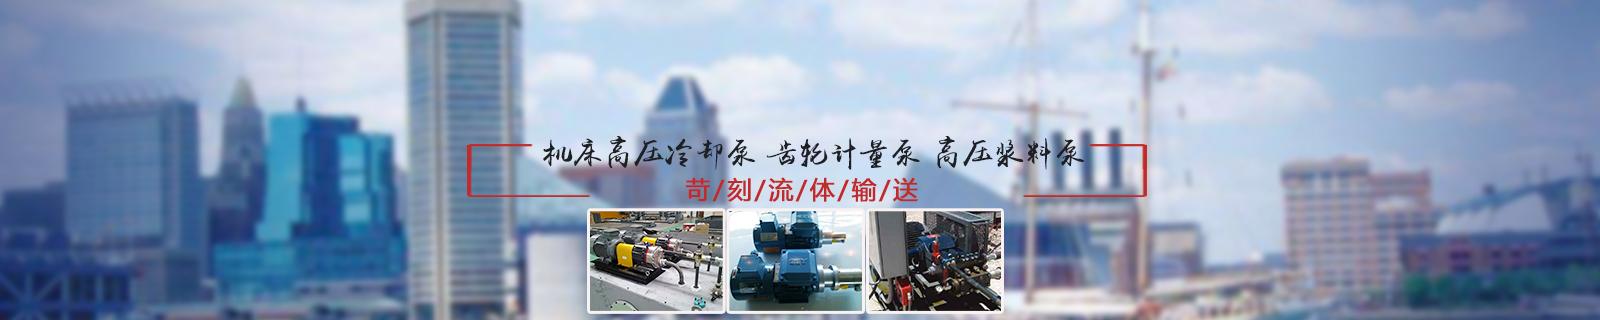 吉林省瓦那机电设备有限公司